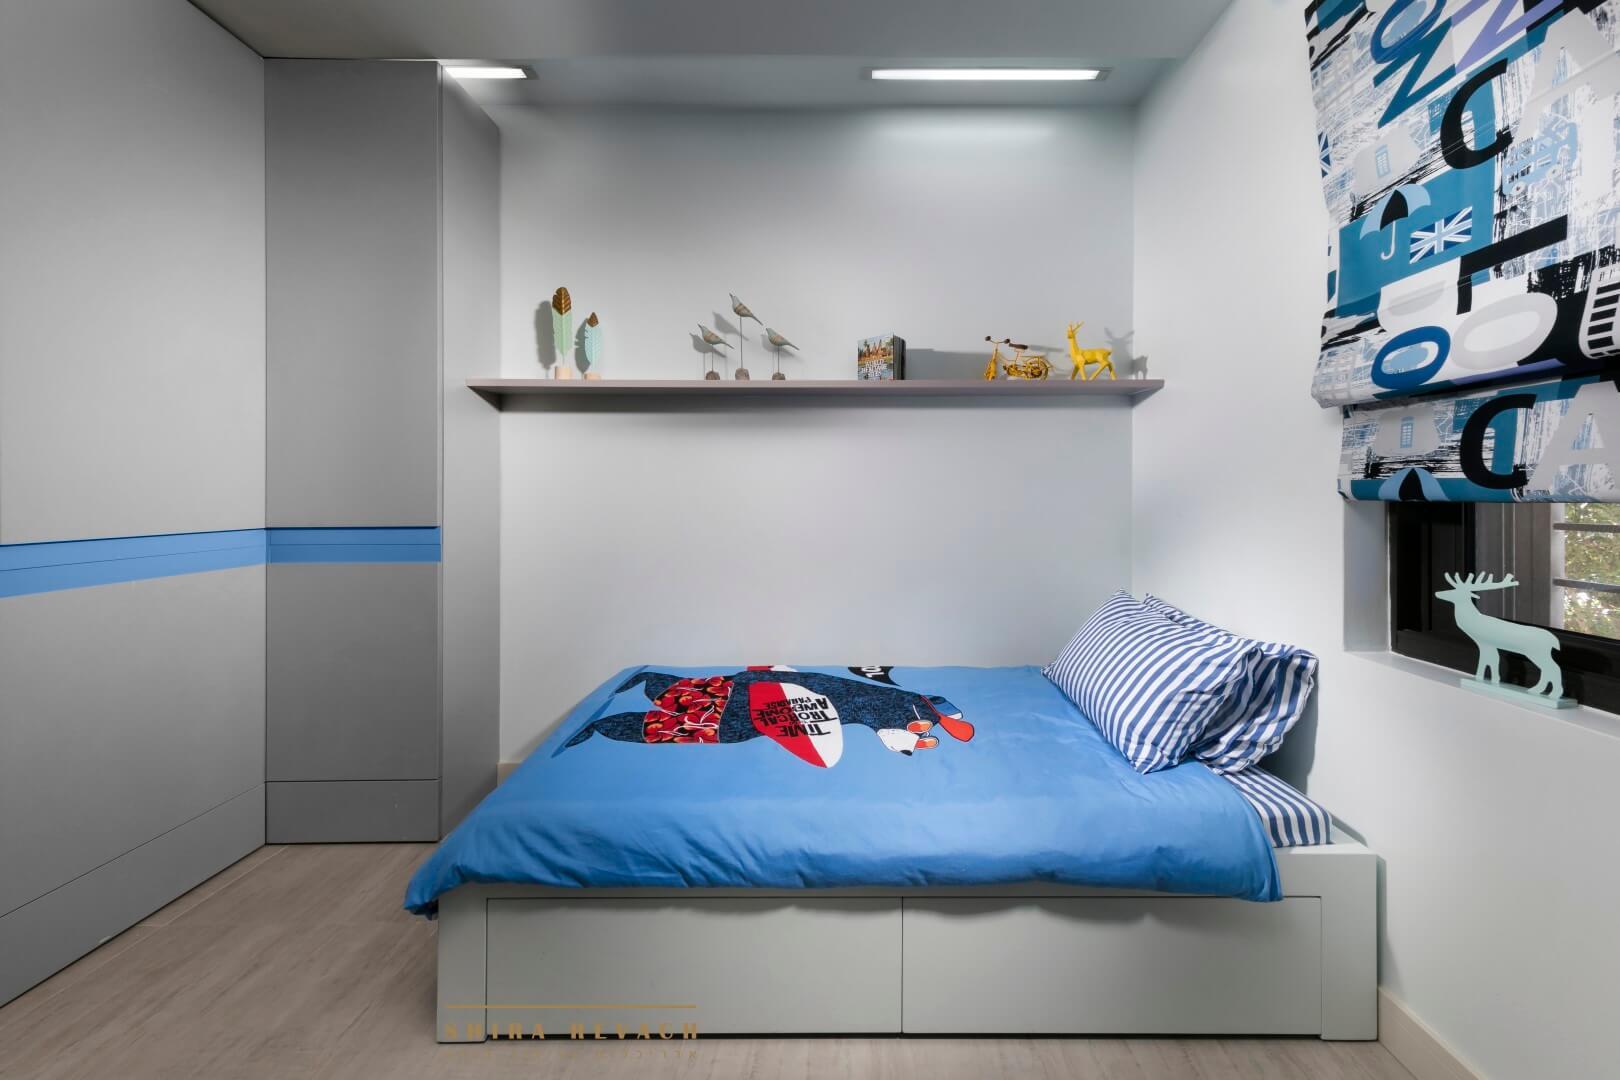 ריצוף דמוי פרקט בחדר שינה